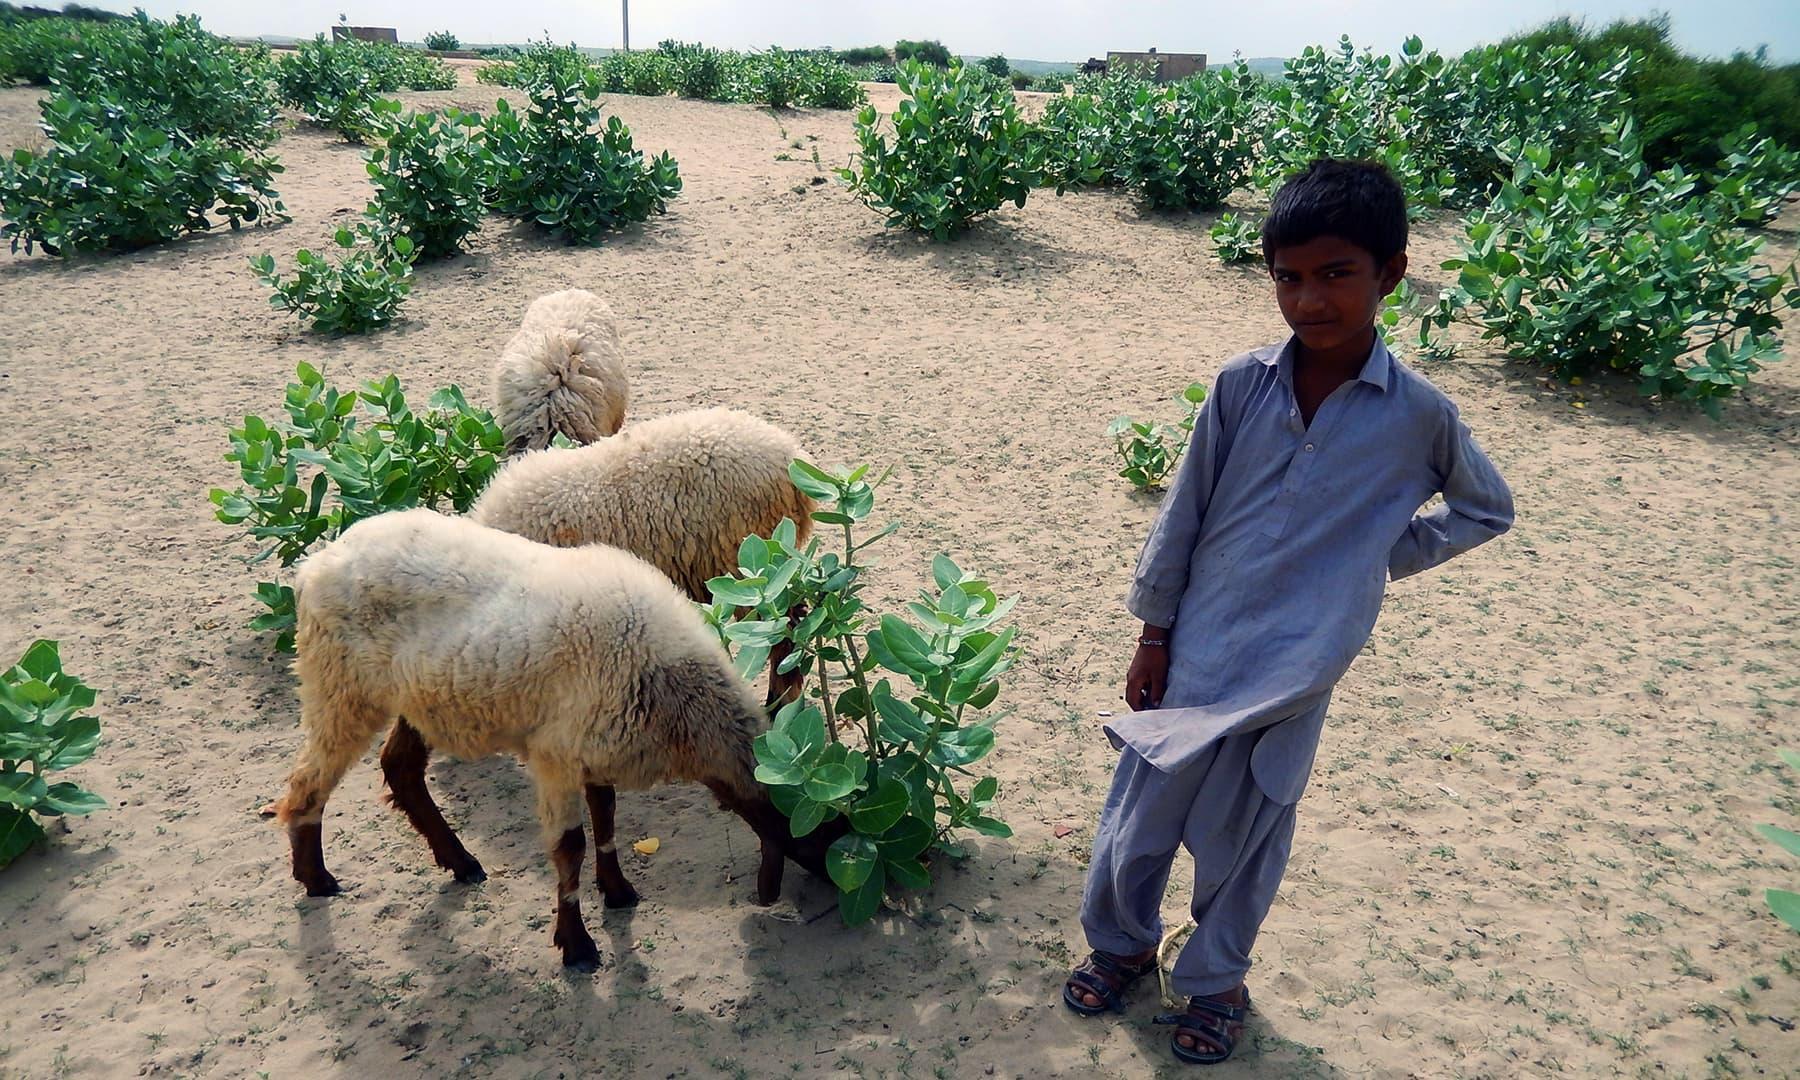 ایک تھری بچہ اپنی بھیڑوں کے ساتھ.